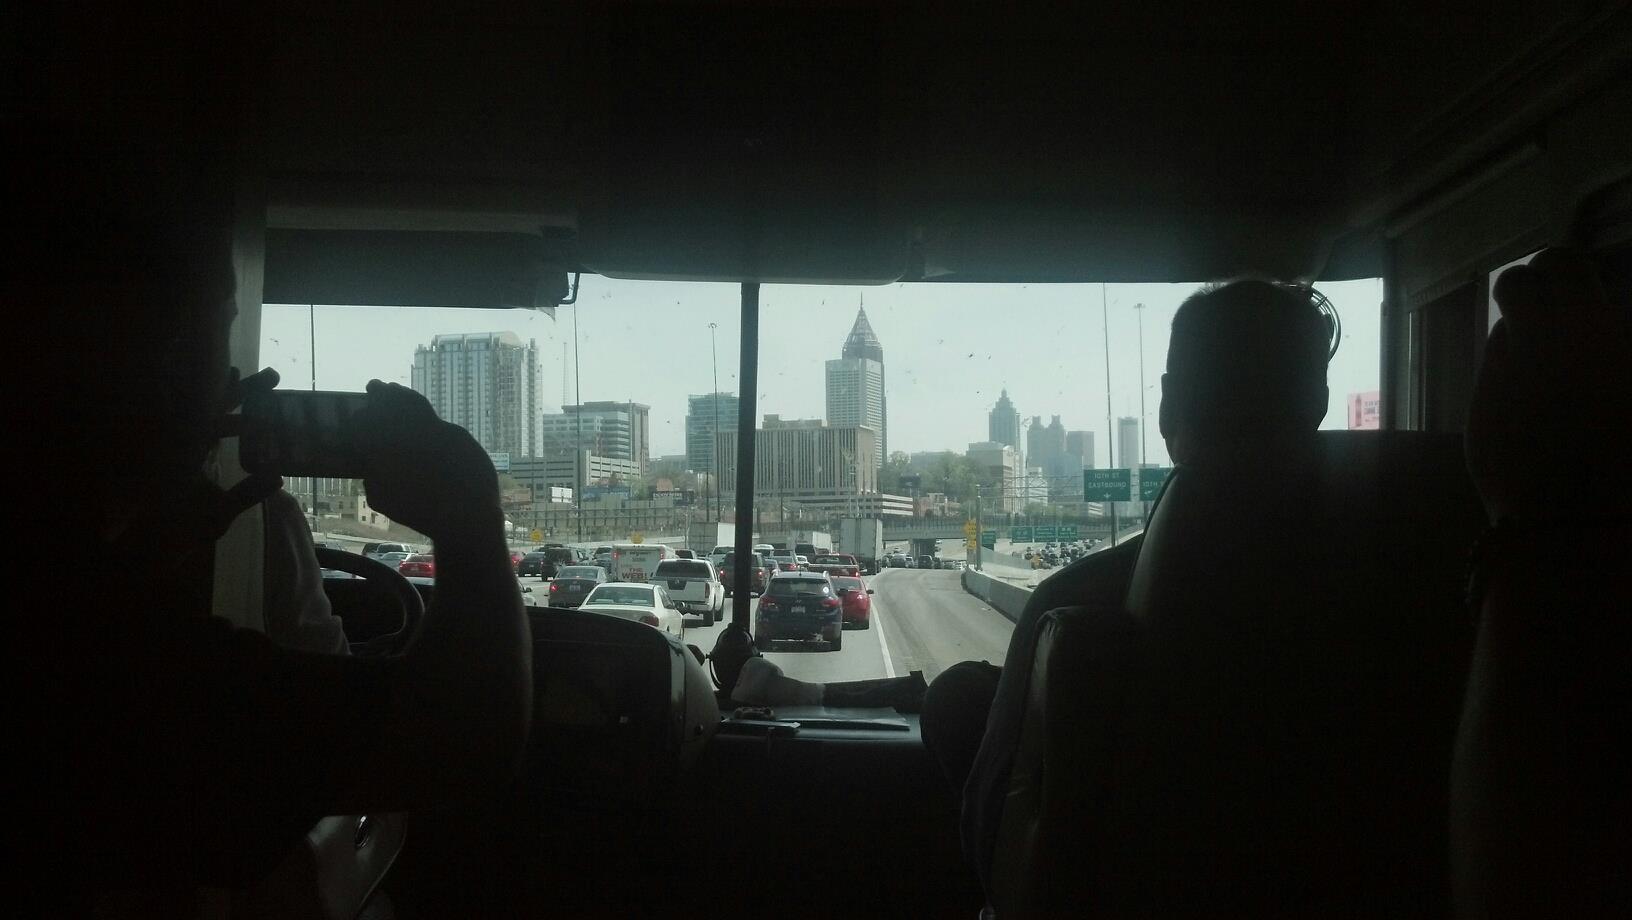 Arriving in Atlanta